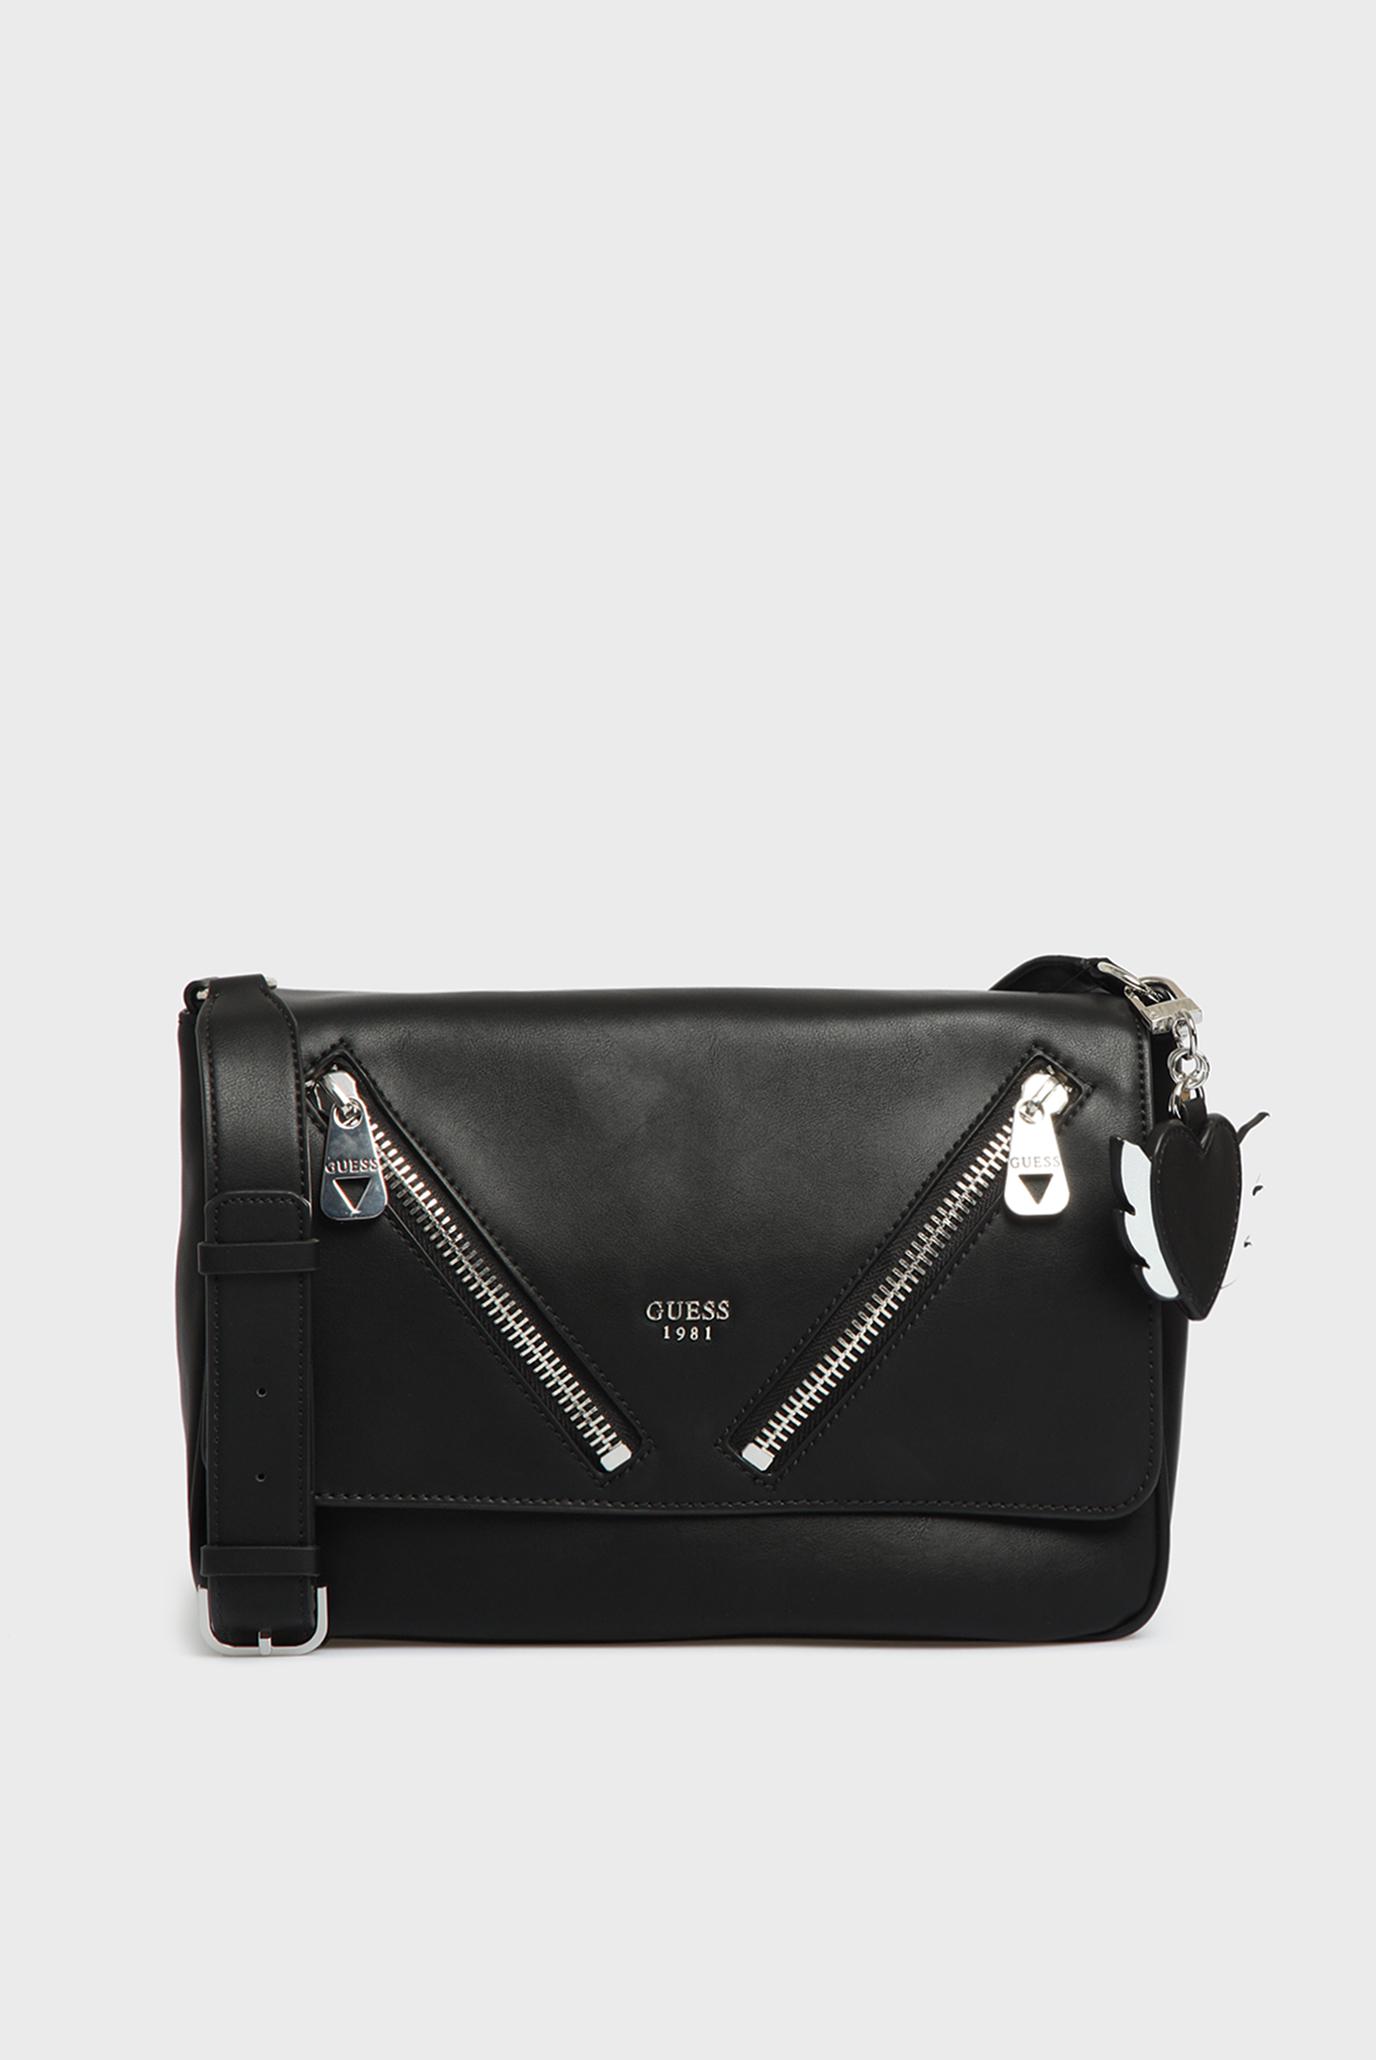 c2a11342cca6 Купить Женская черная сумка через плечо Guess Guess HWVY6689210 – Киев,  Украина. Цены в интернет магазине MD Fashion